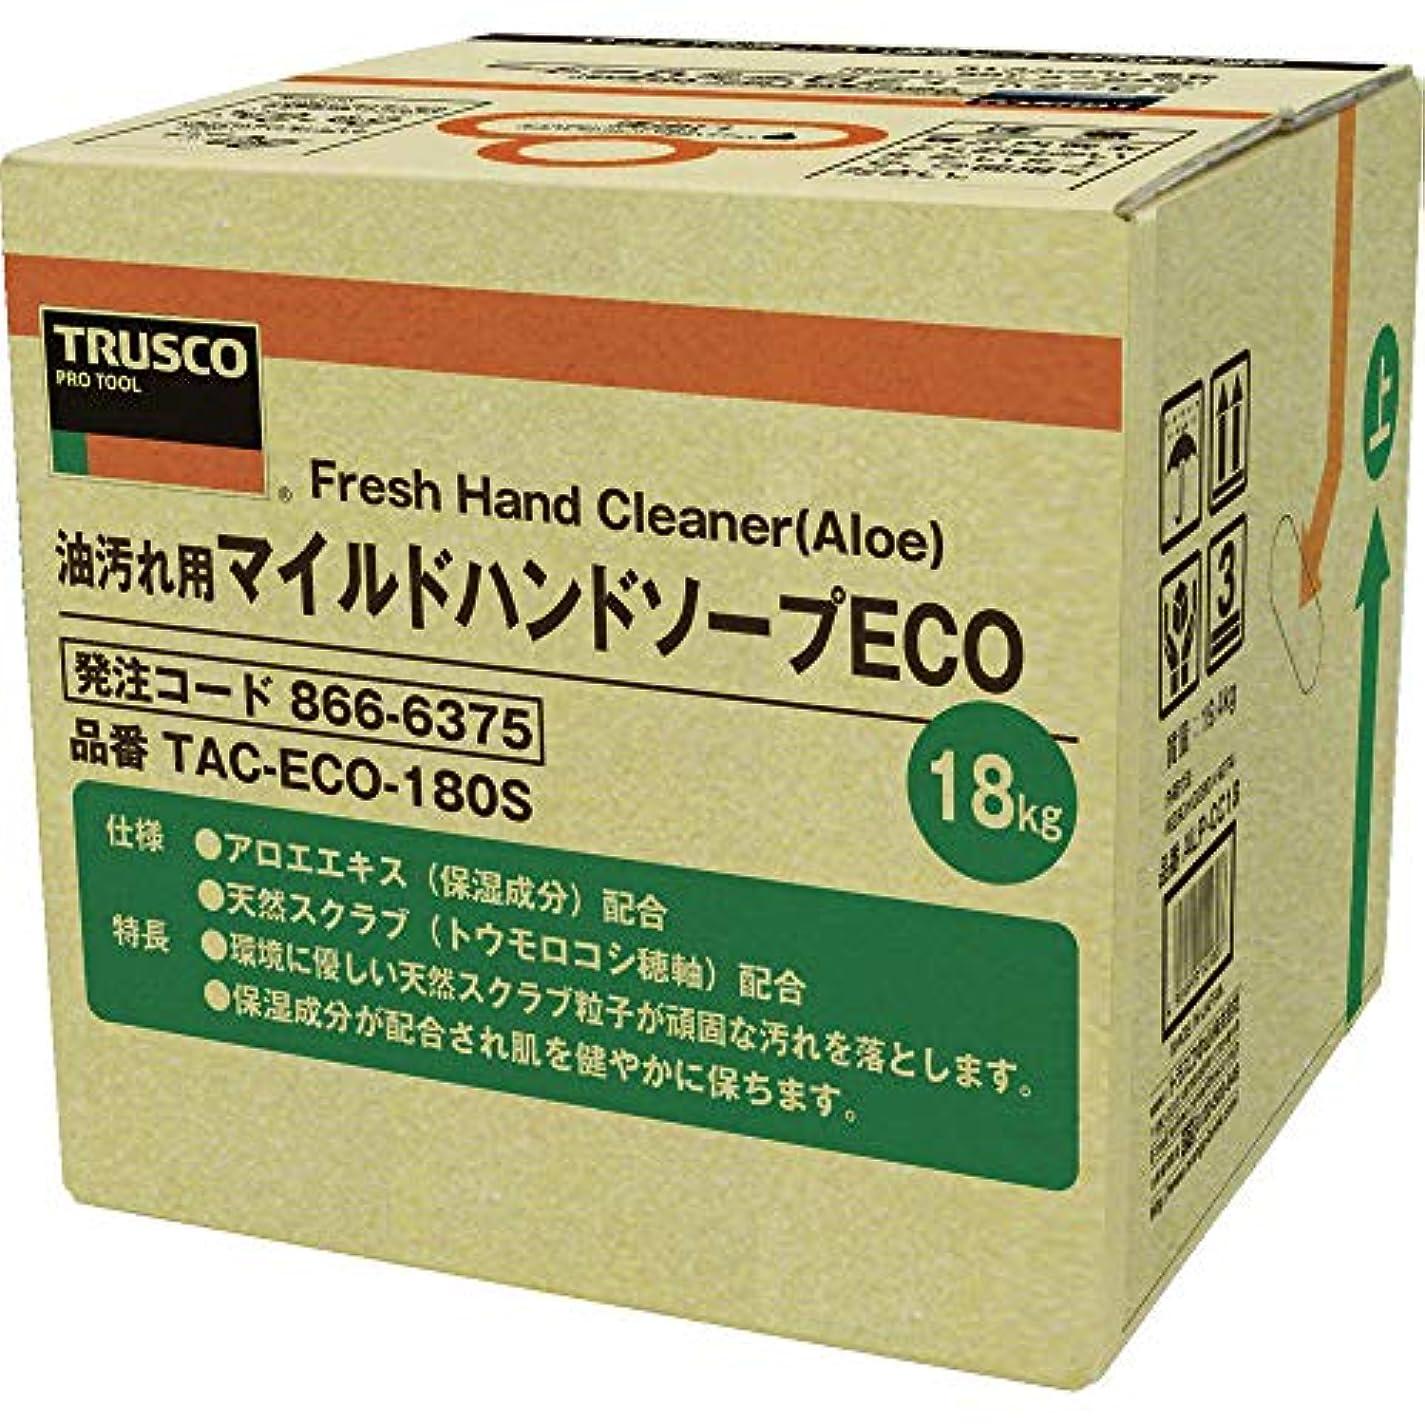 類似性ソロ知覚TRUSCO(トラスコ) マイルドハンドソープ ECO 18L 詰替 バッグインボックス TACECO180S